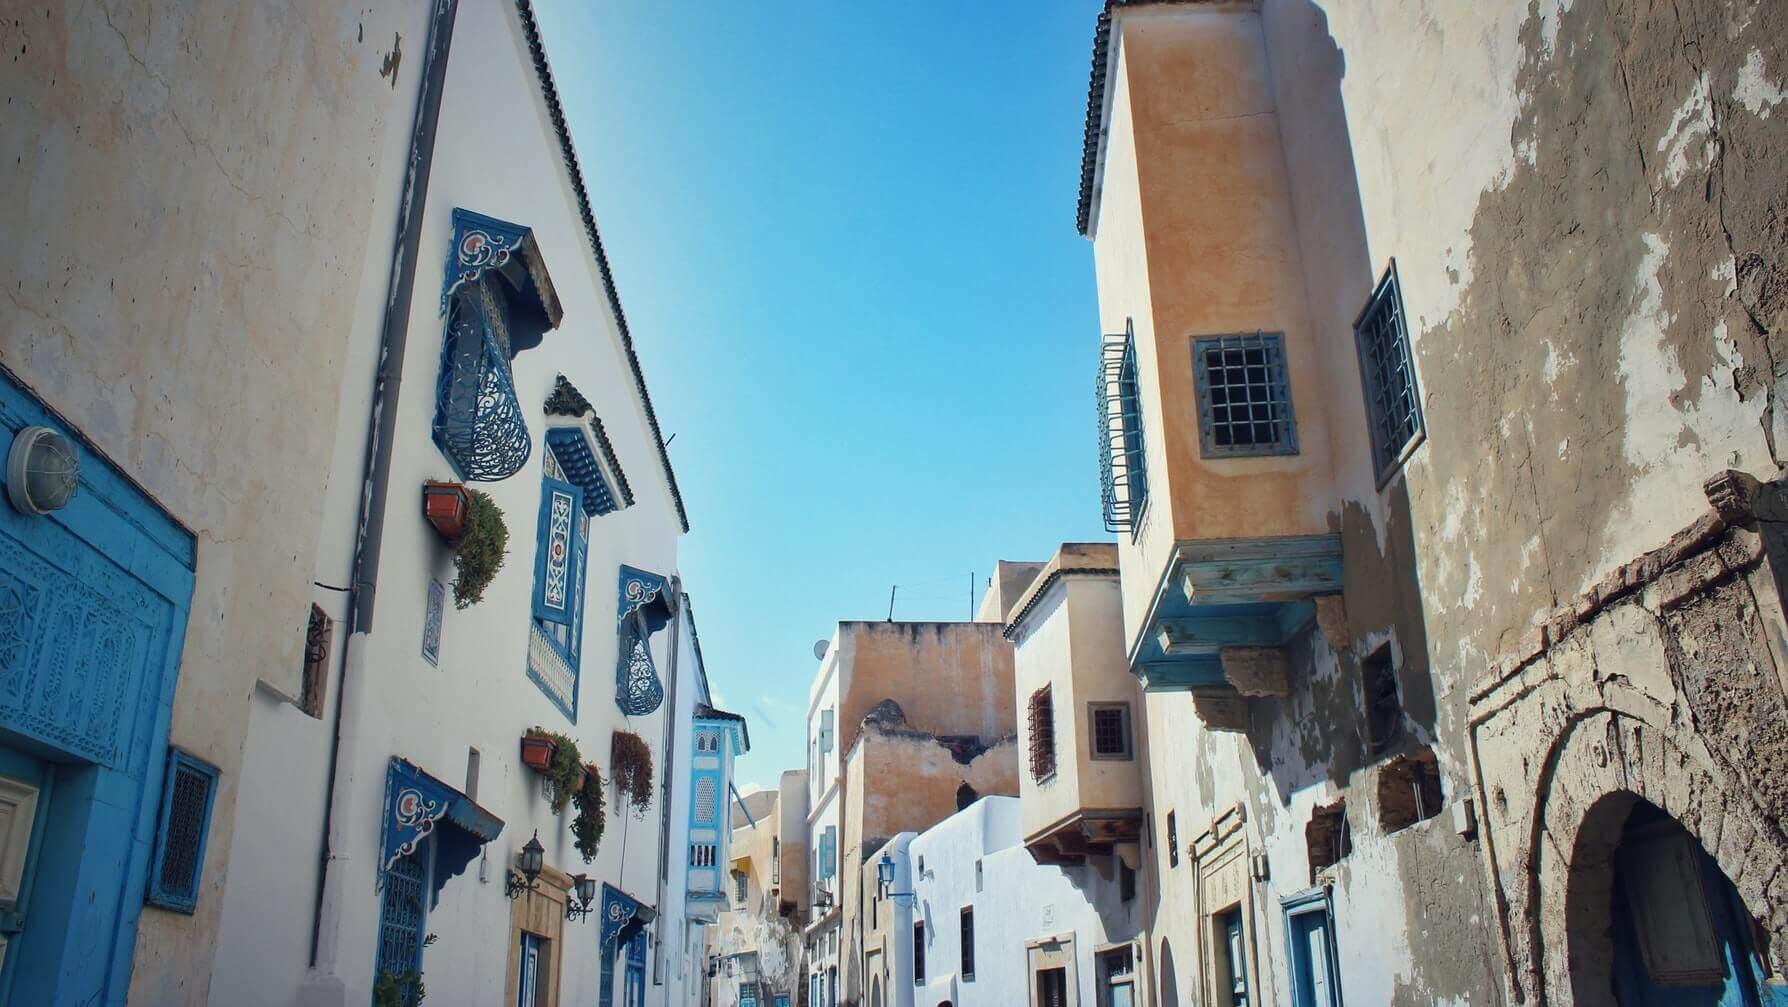 Вперёд, юный падаван: маршрут и цены на 5 дней в Тунисе